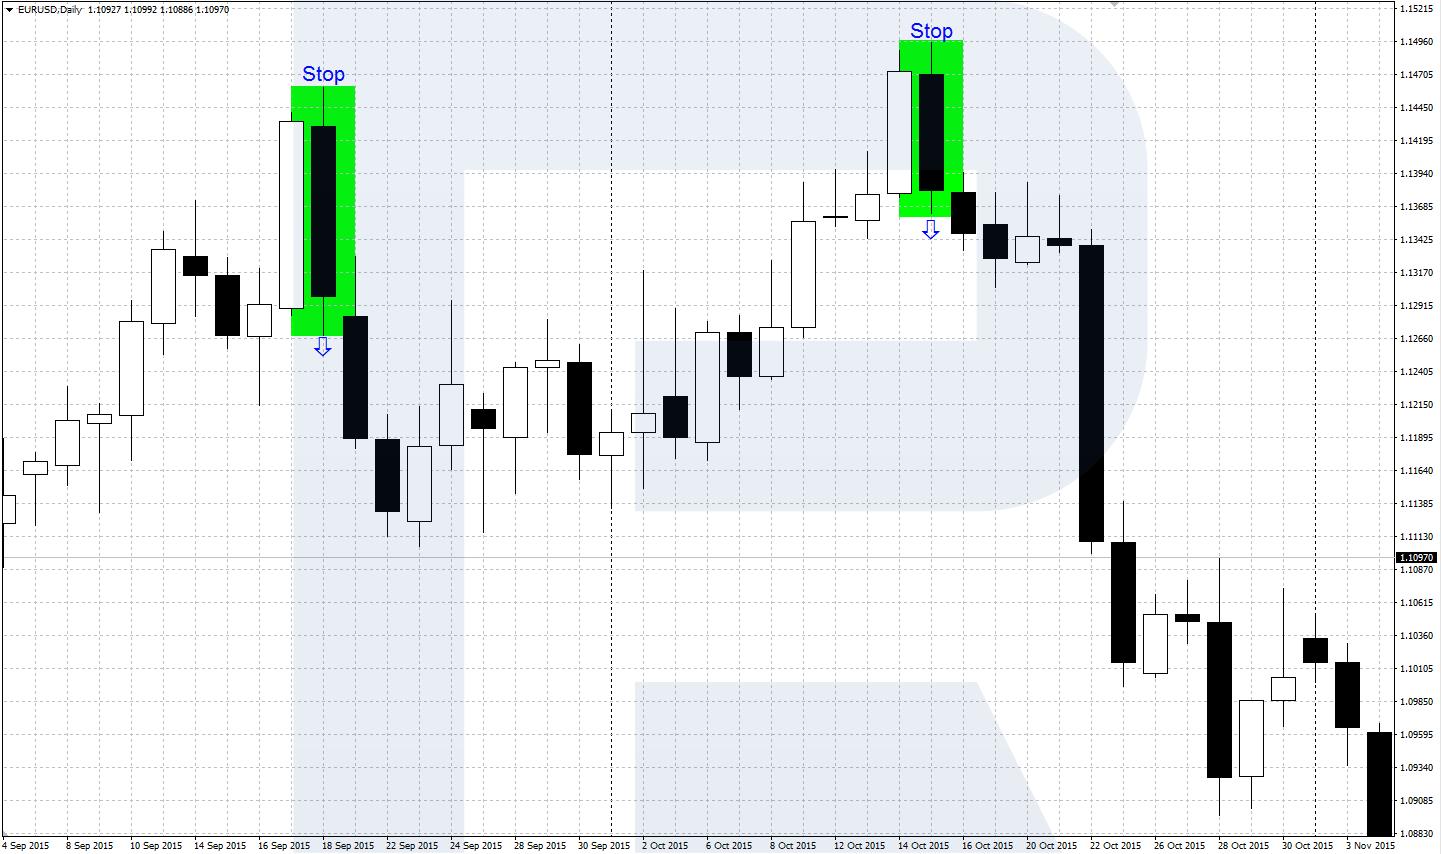 Rails - Kolejnice medvědí pattern